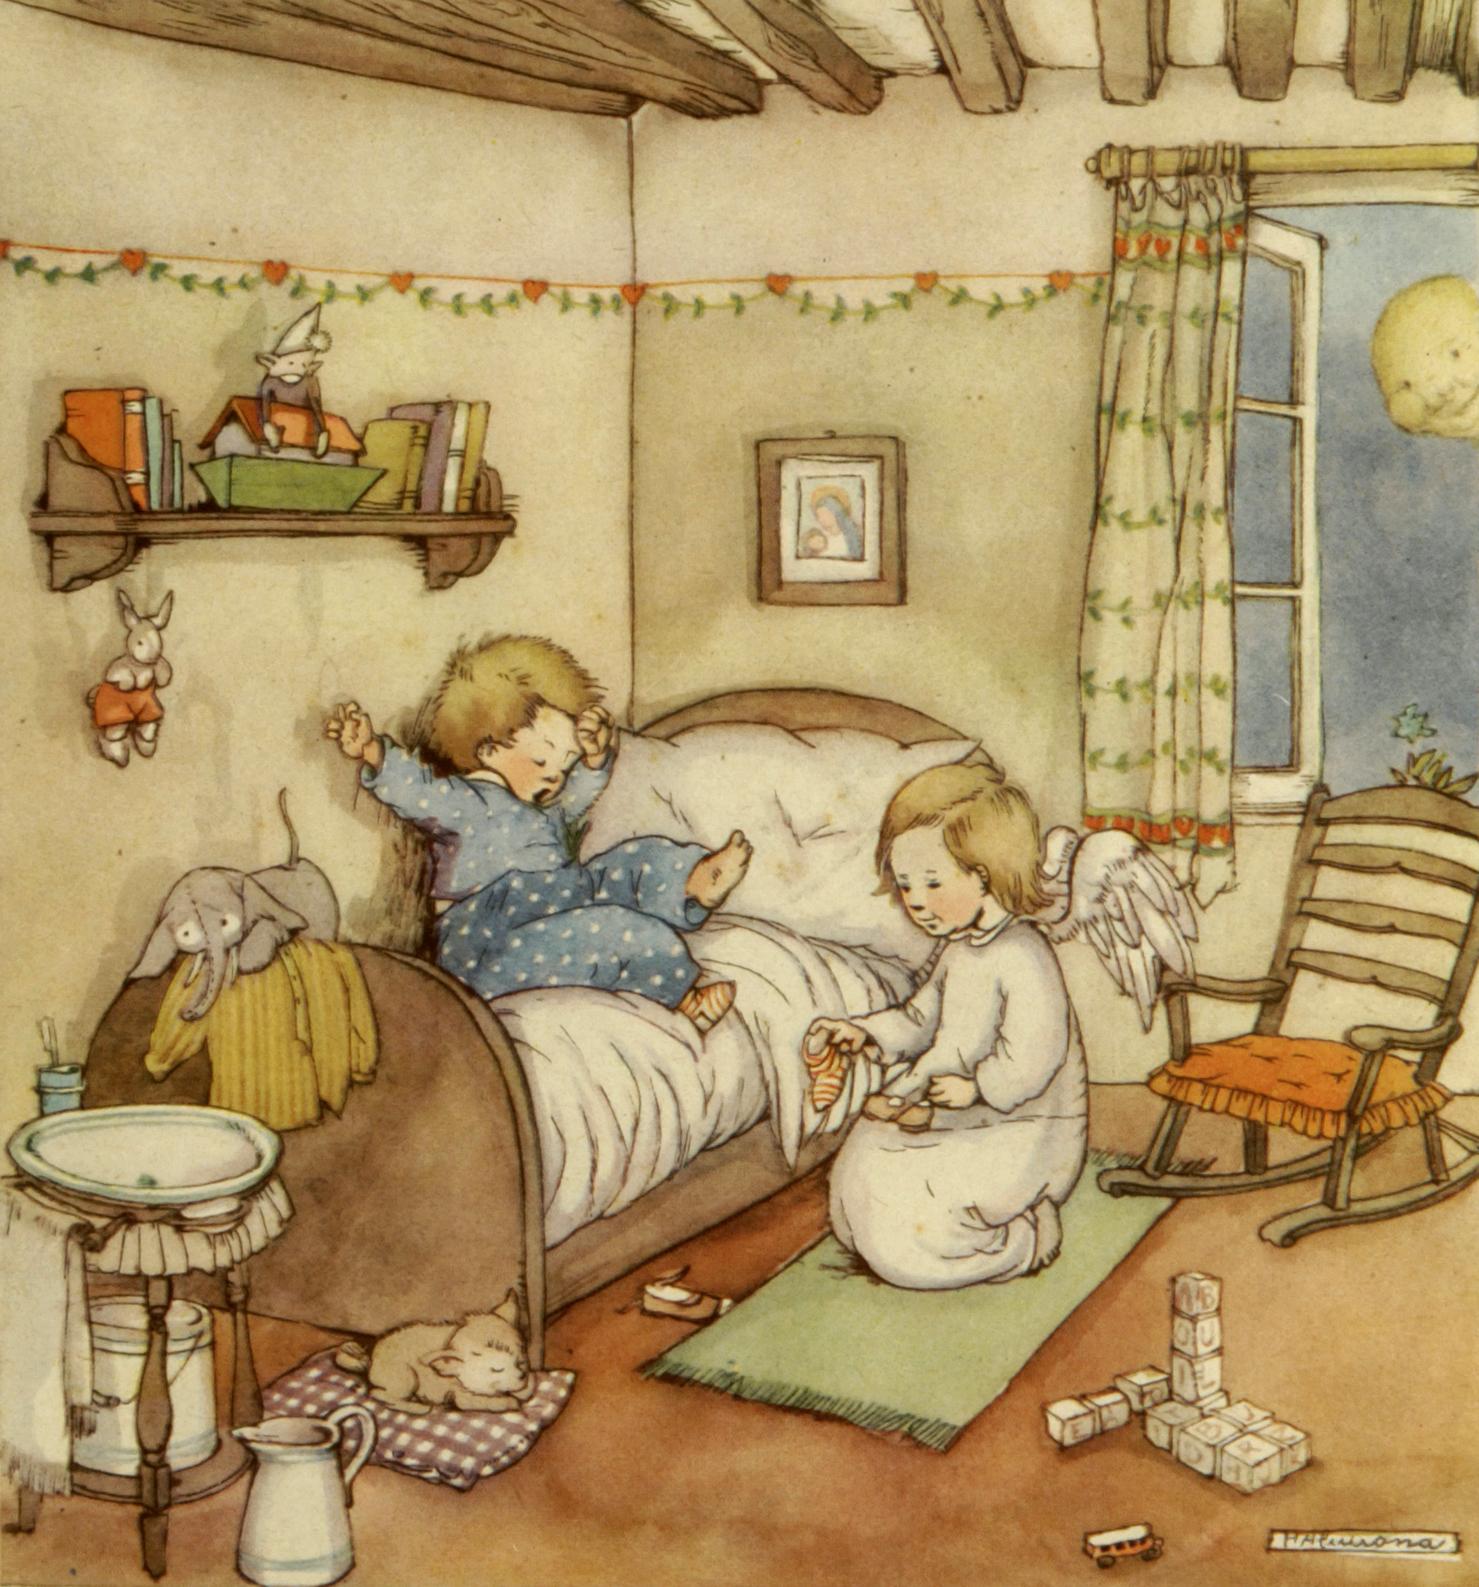 Dessin D Une Chambre D Enfant la chambre d'enfant chez les illustrateurs espagnols : un